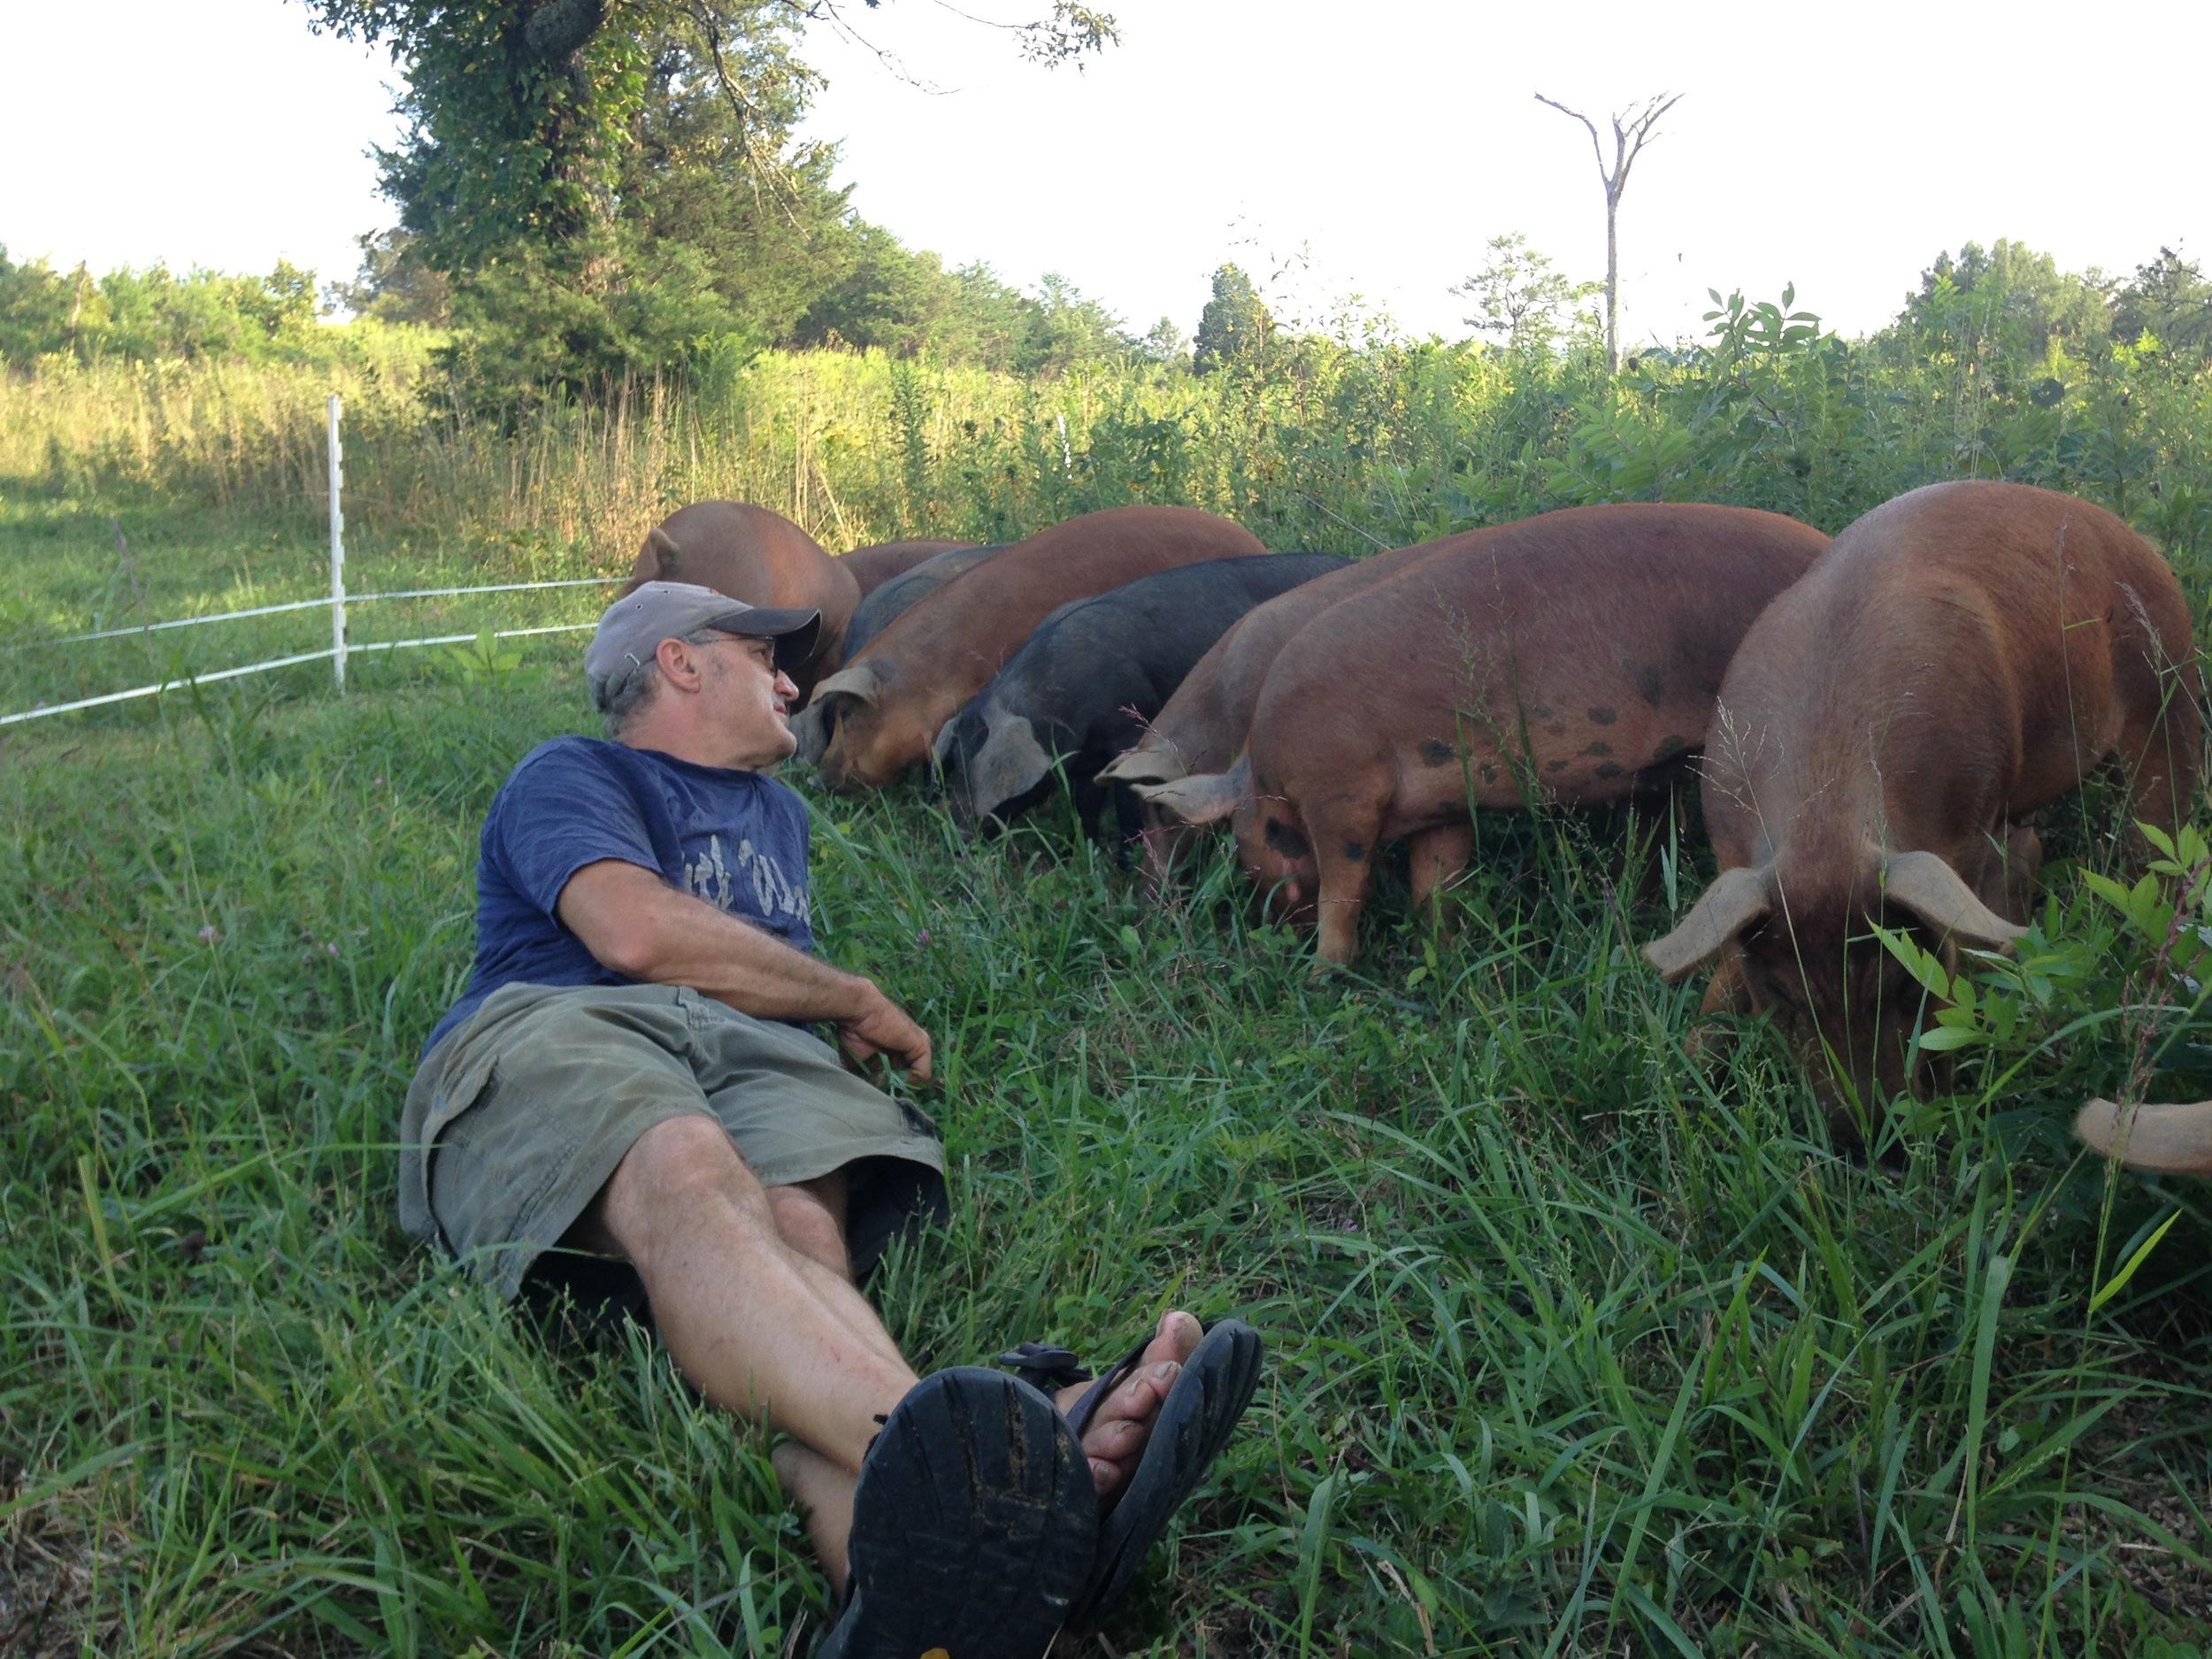 pigs6.jpg